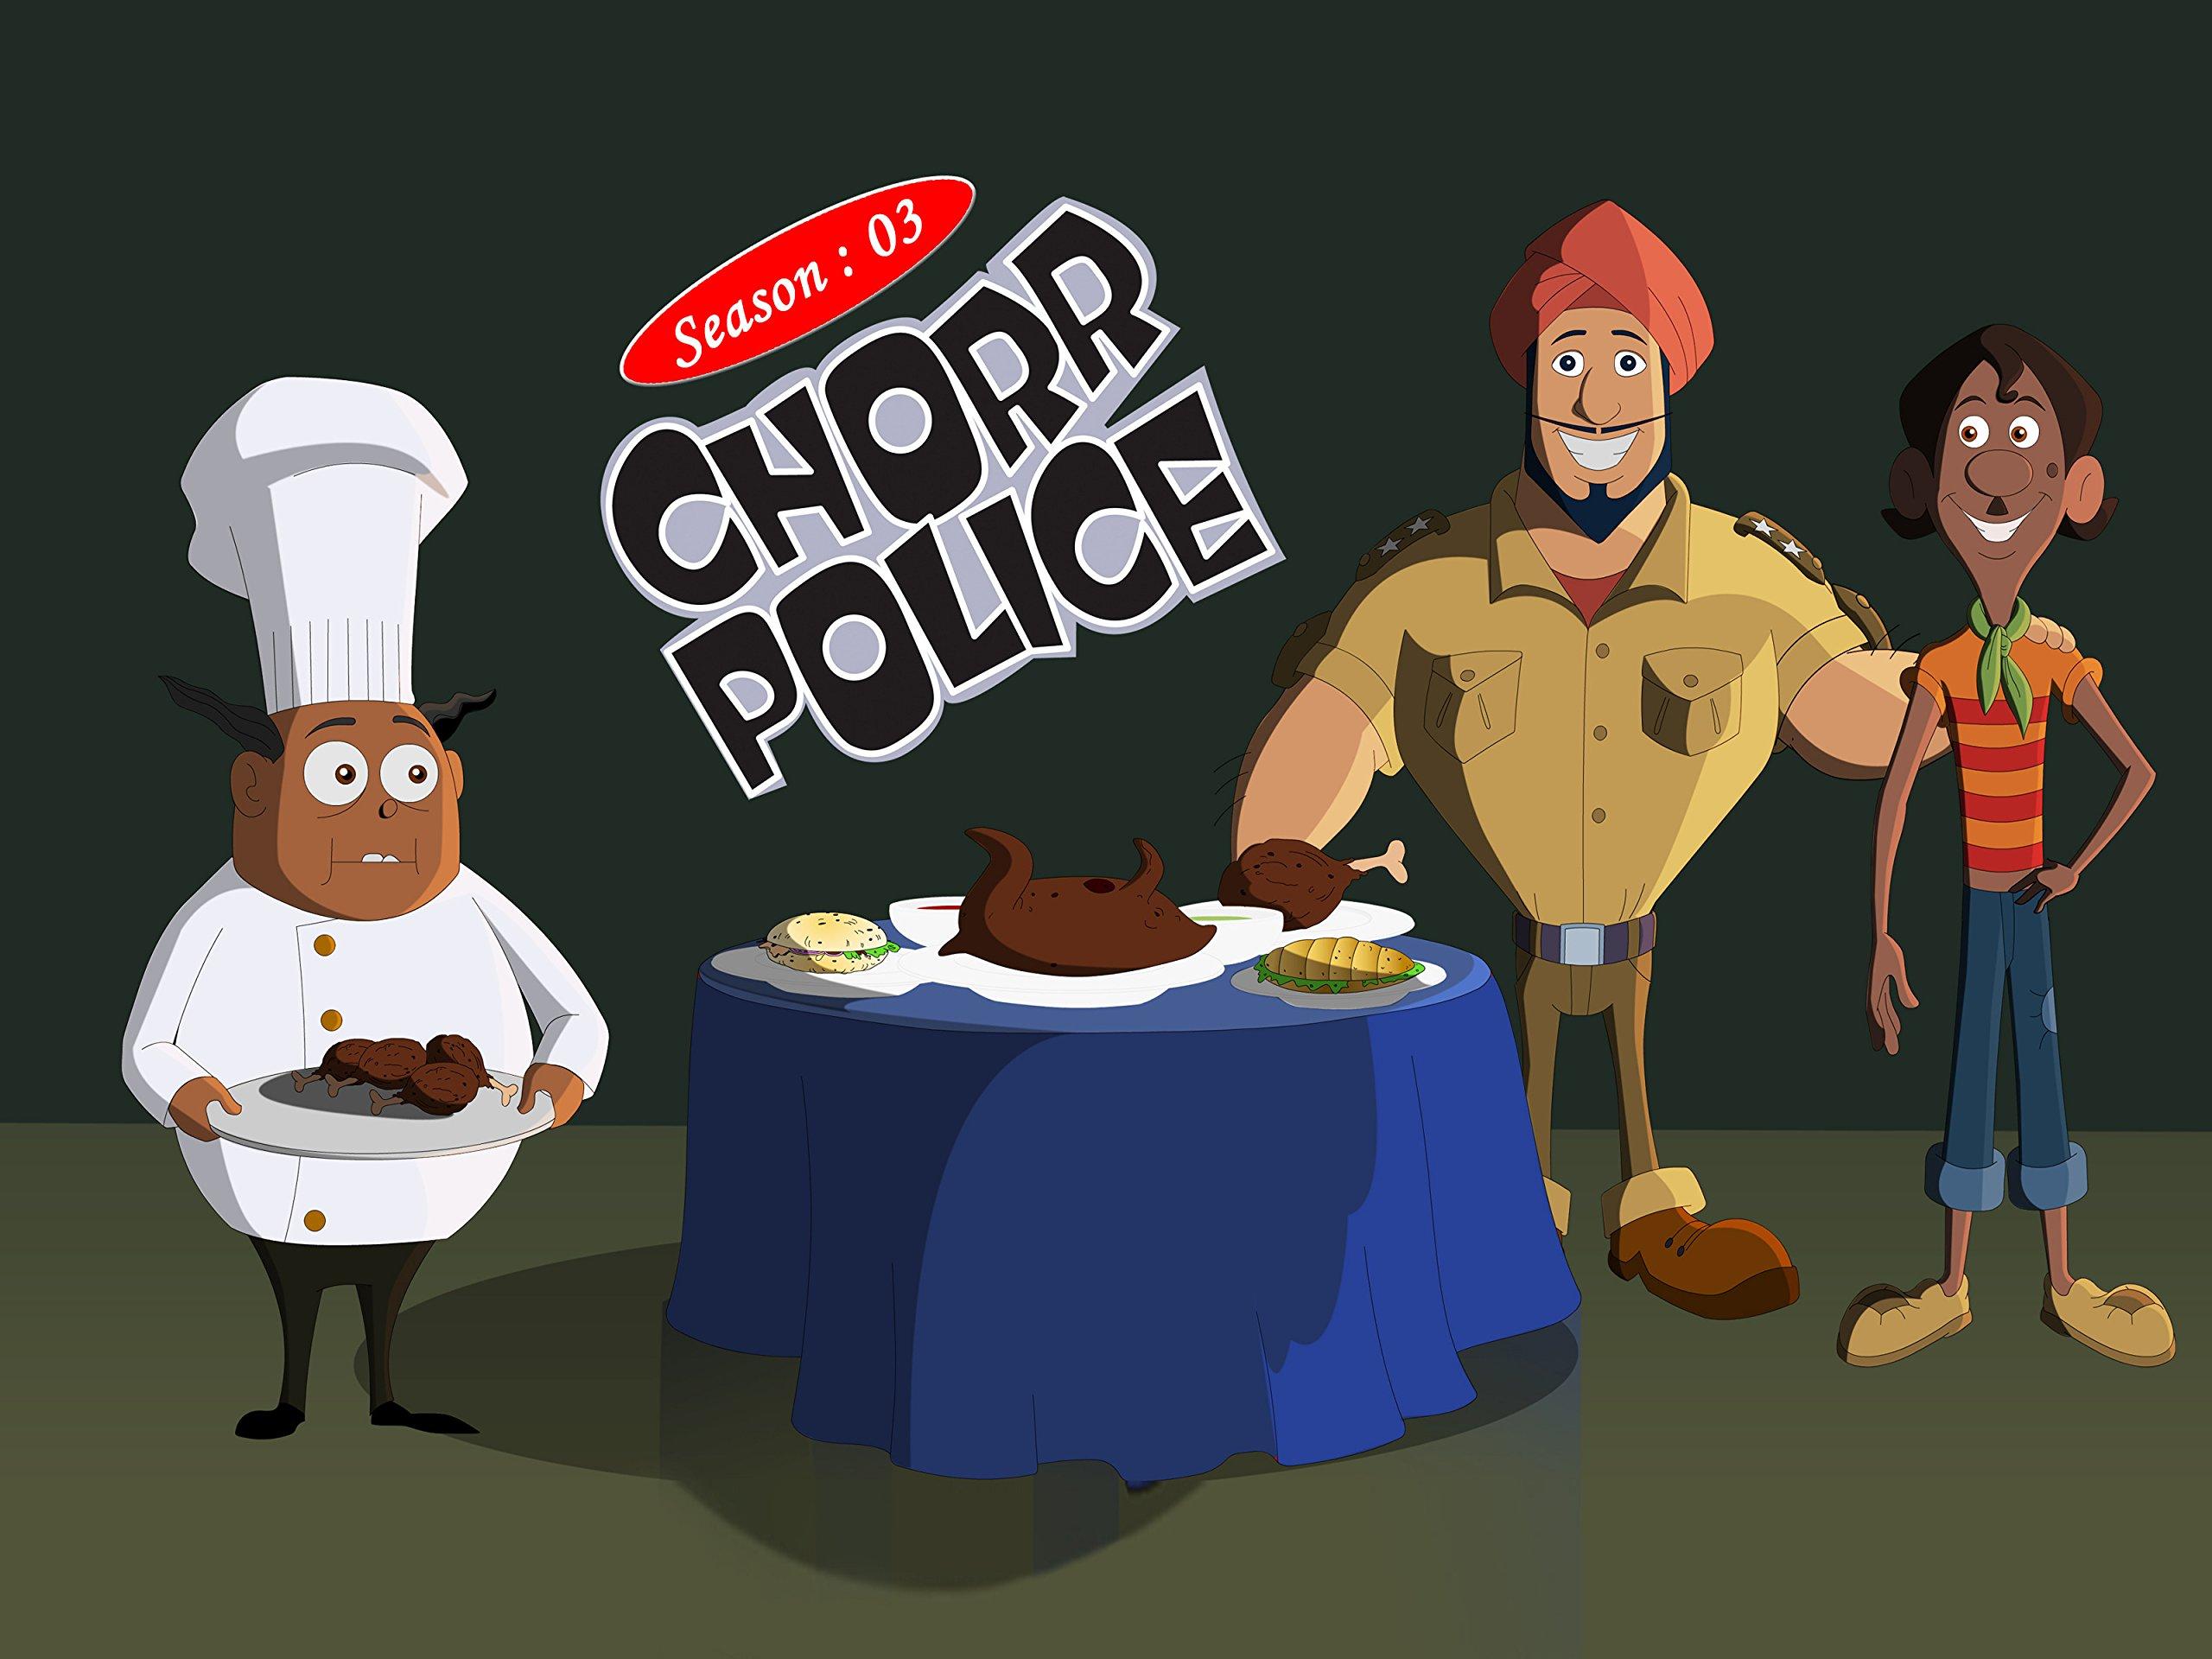 Chorr Police Season 03 - Season 3